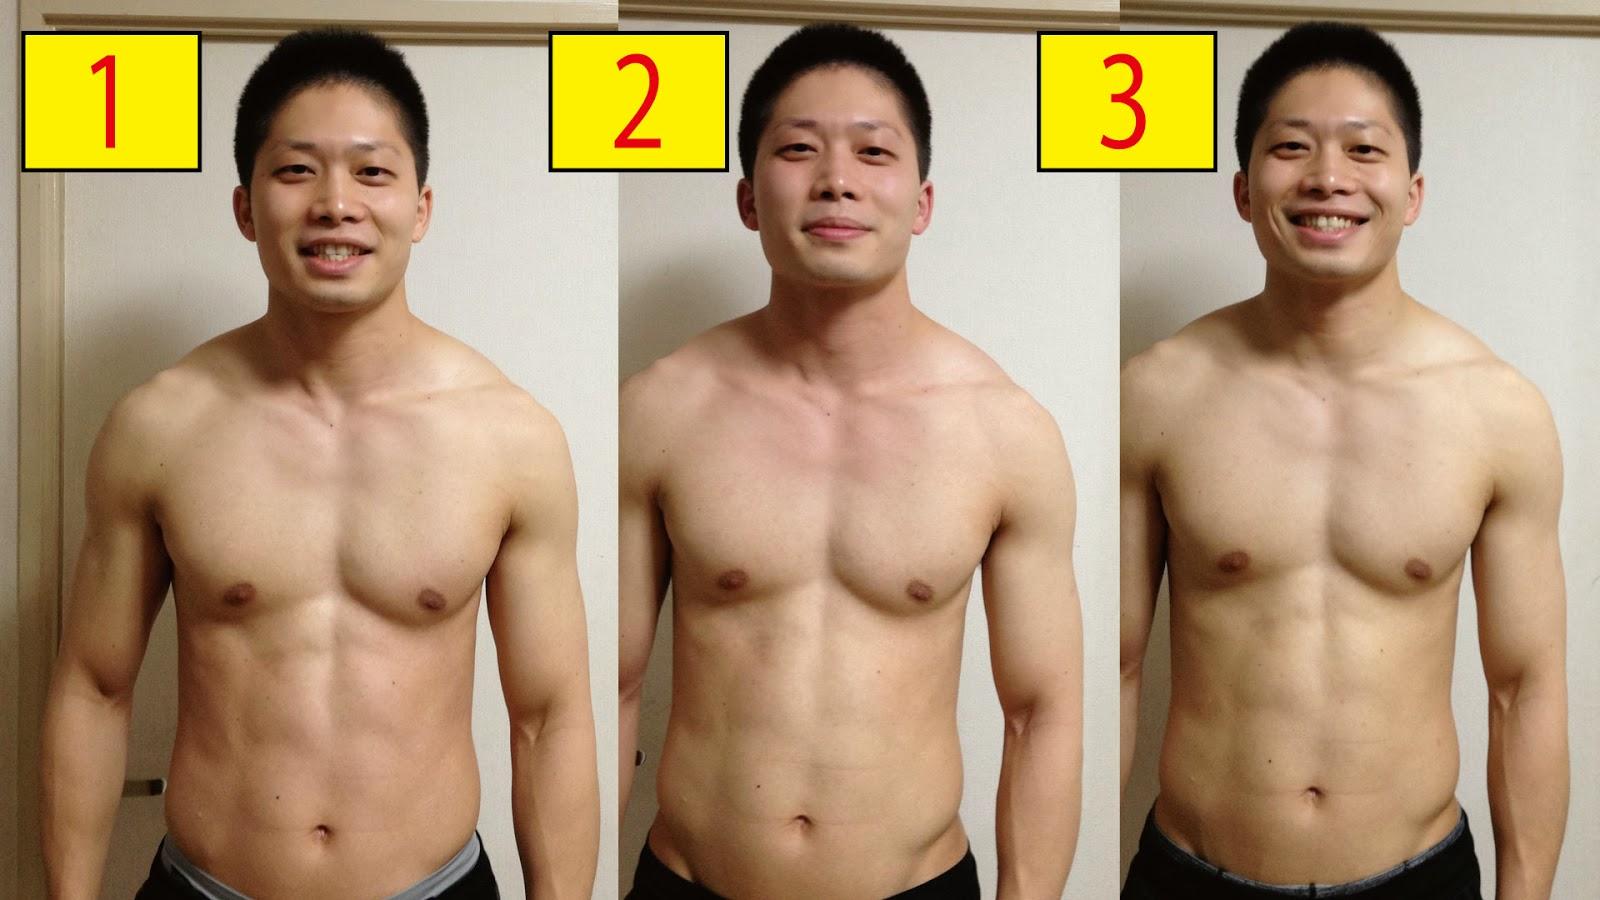 男性 体 脂肪 パーセント 率 15